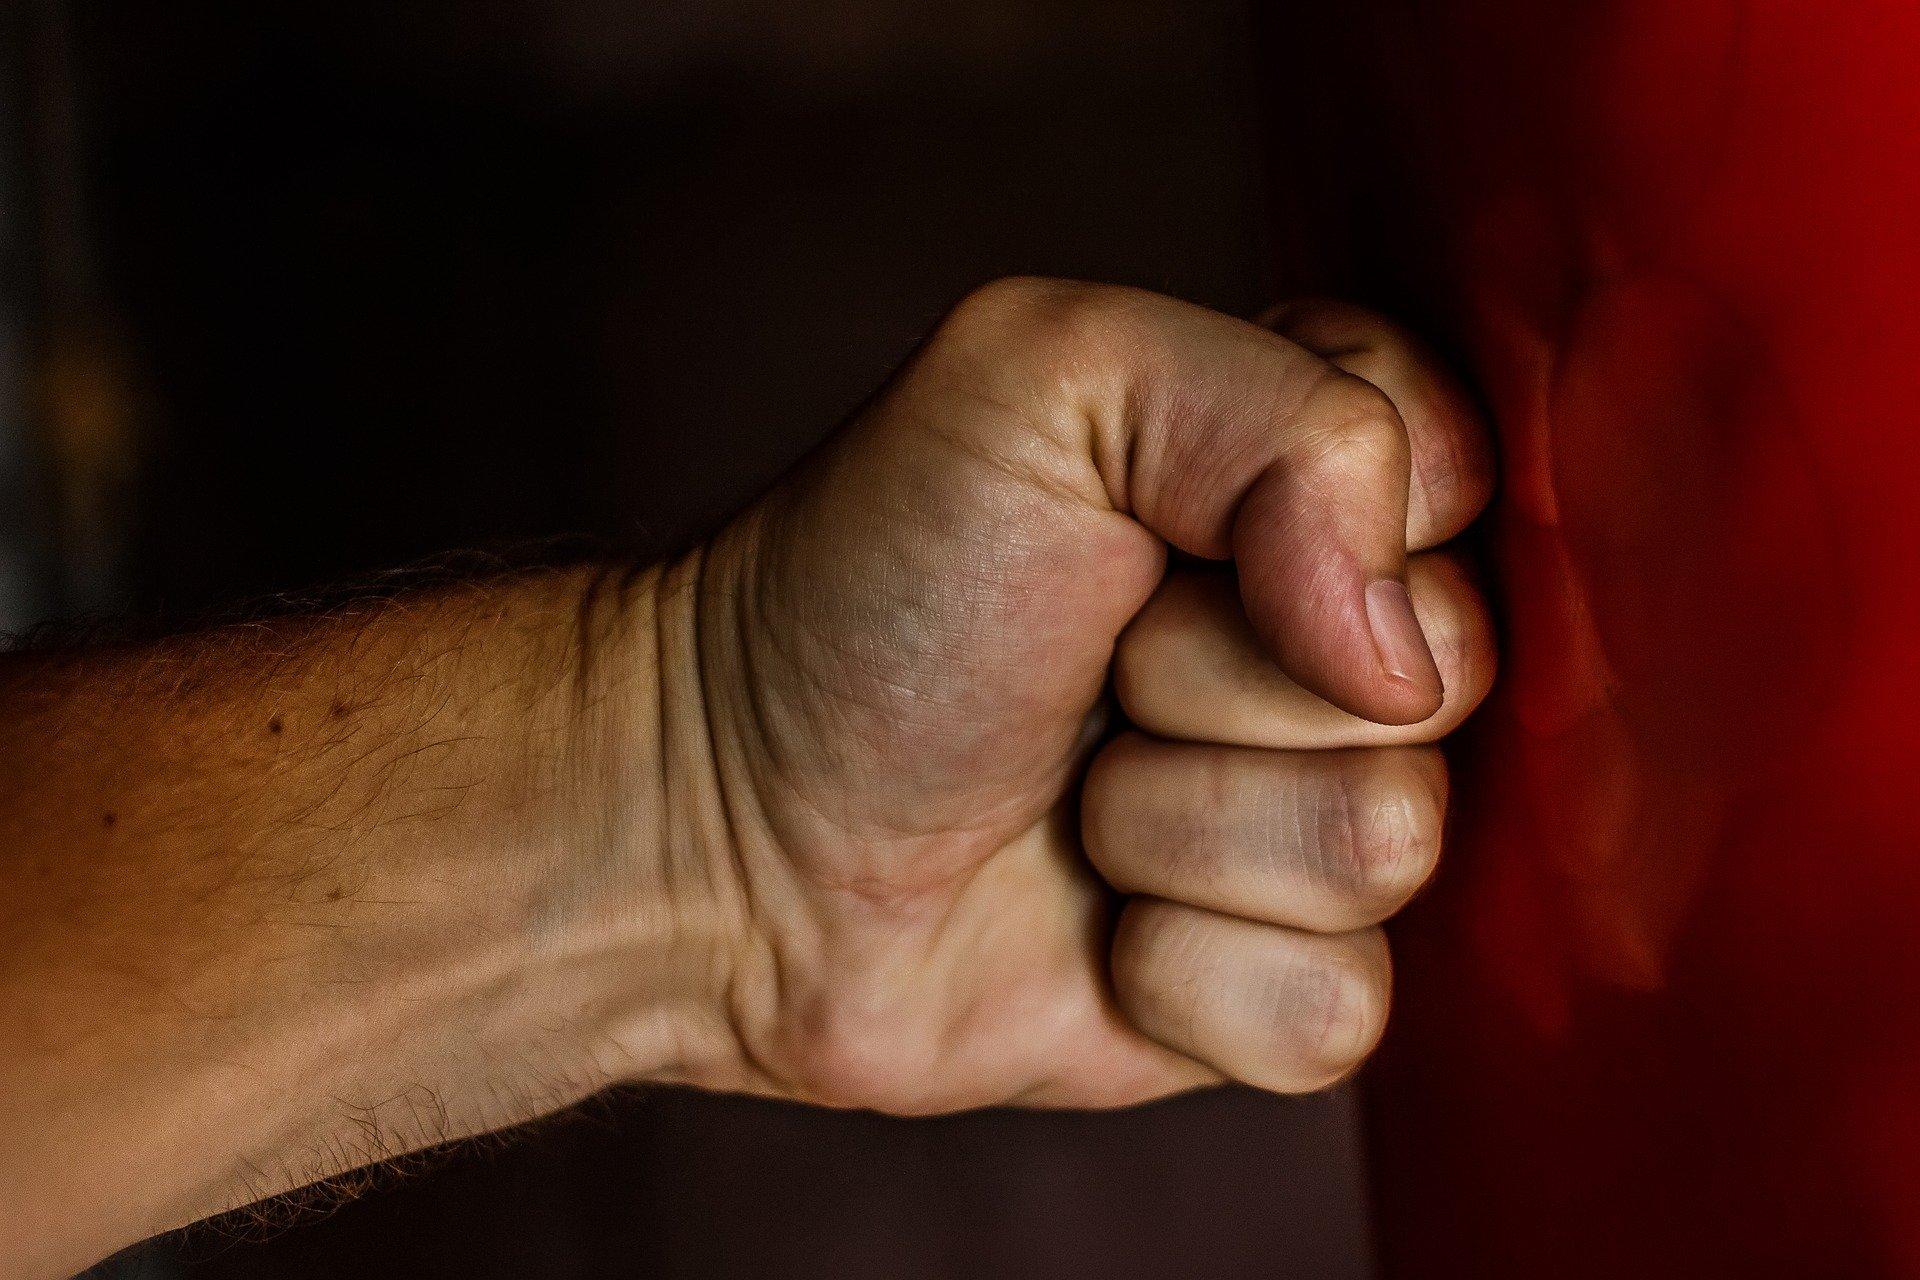 В Кировской области бомж подозревается в нападении на 61-летнего мужчину